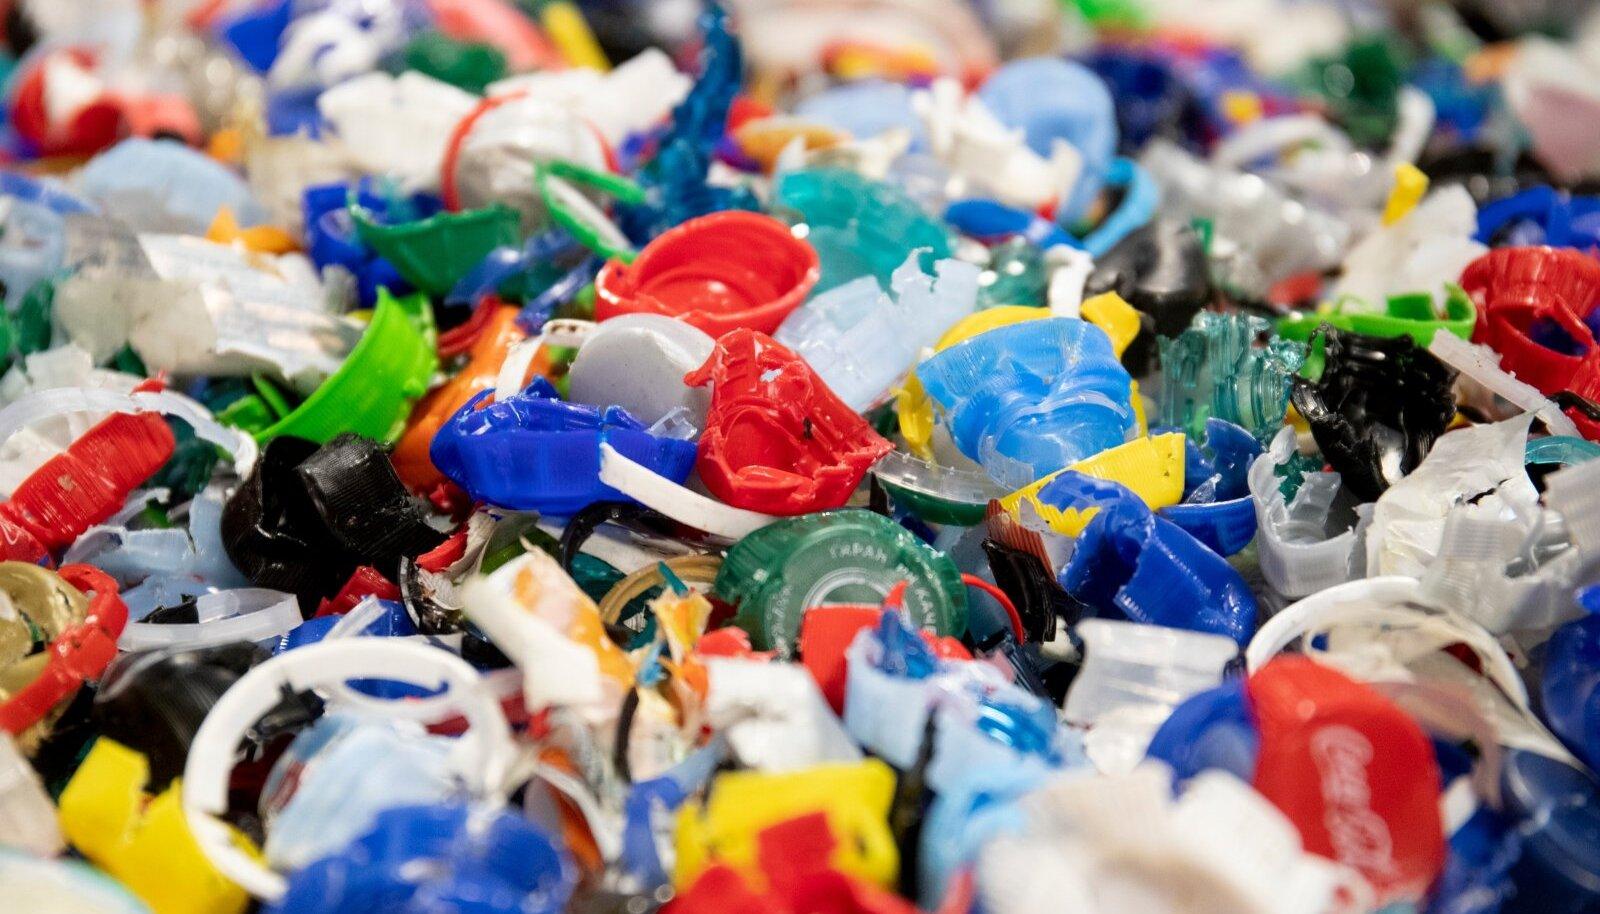 Mida rohkem plastjäätmeid, seda rohkem kulub aega nende käitlemiseks.